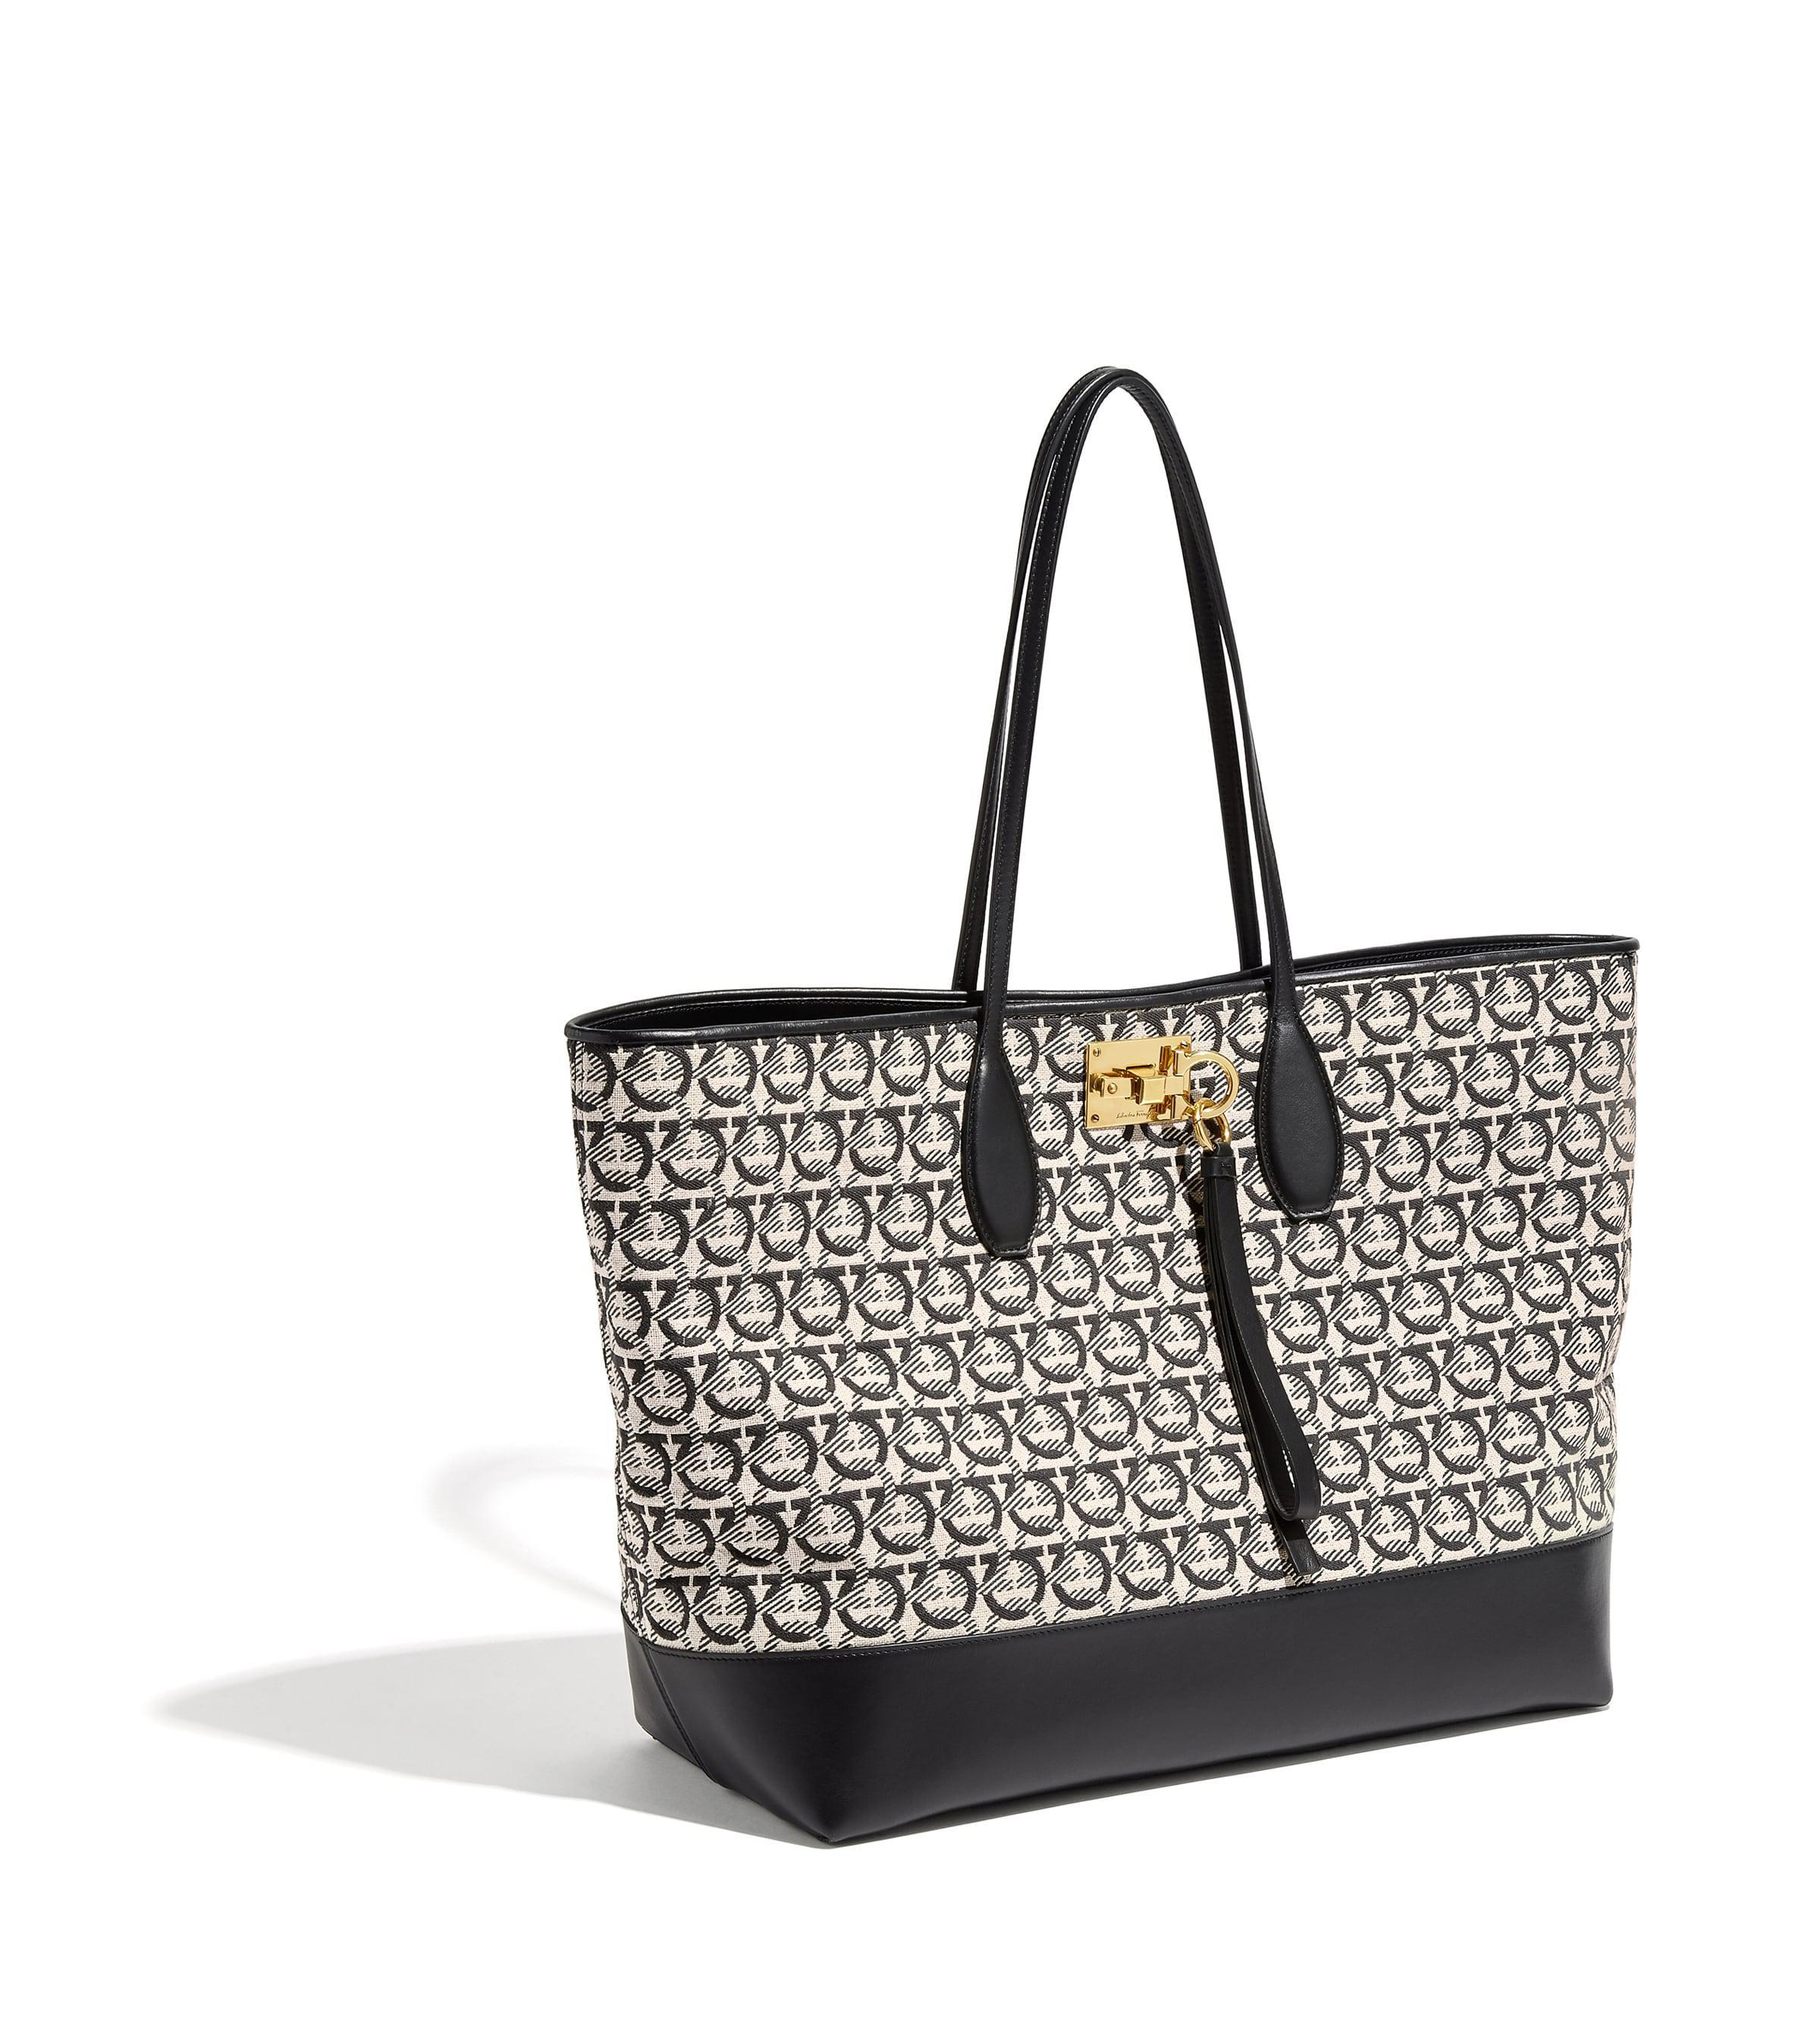 684da8056c74 Lyst - Ferragamo Studio Medium Tote Bag in Black - Save 22%